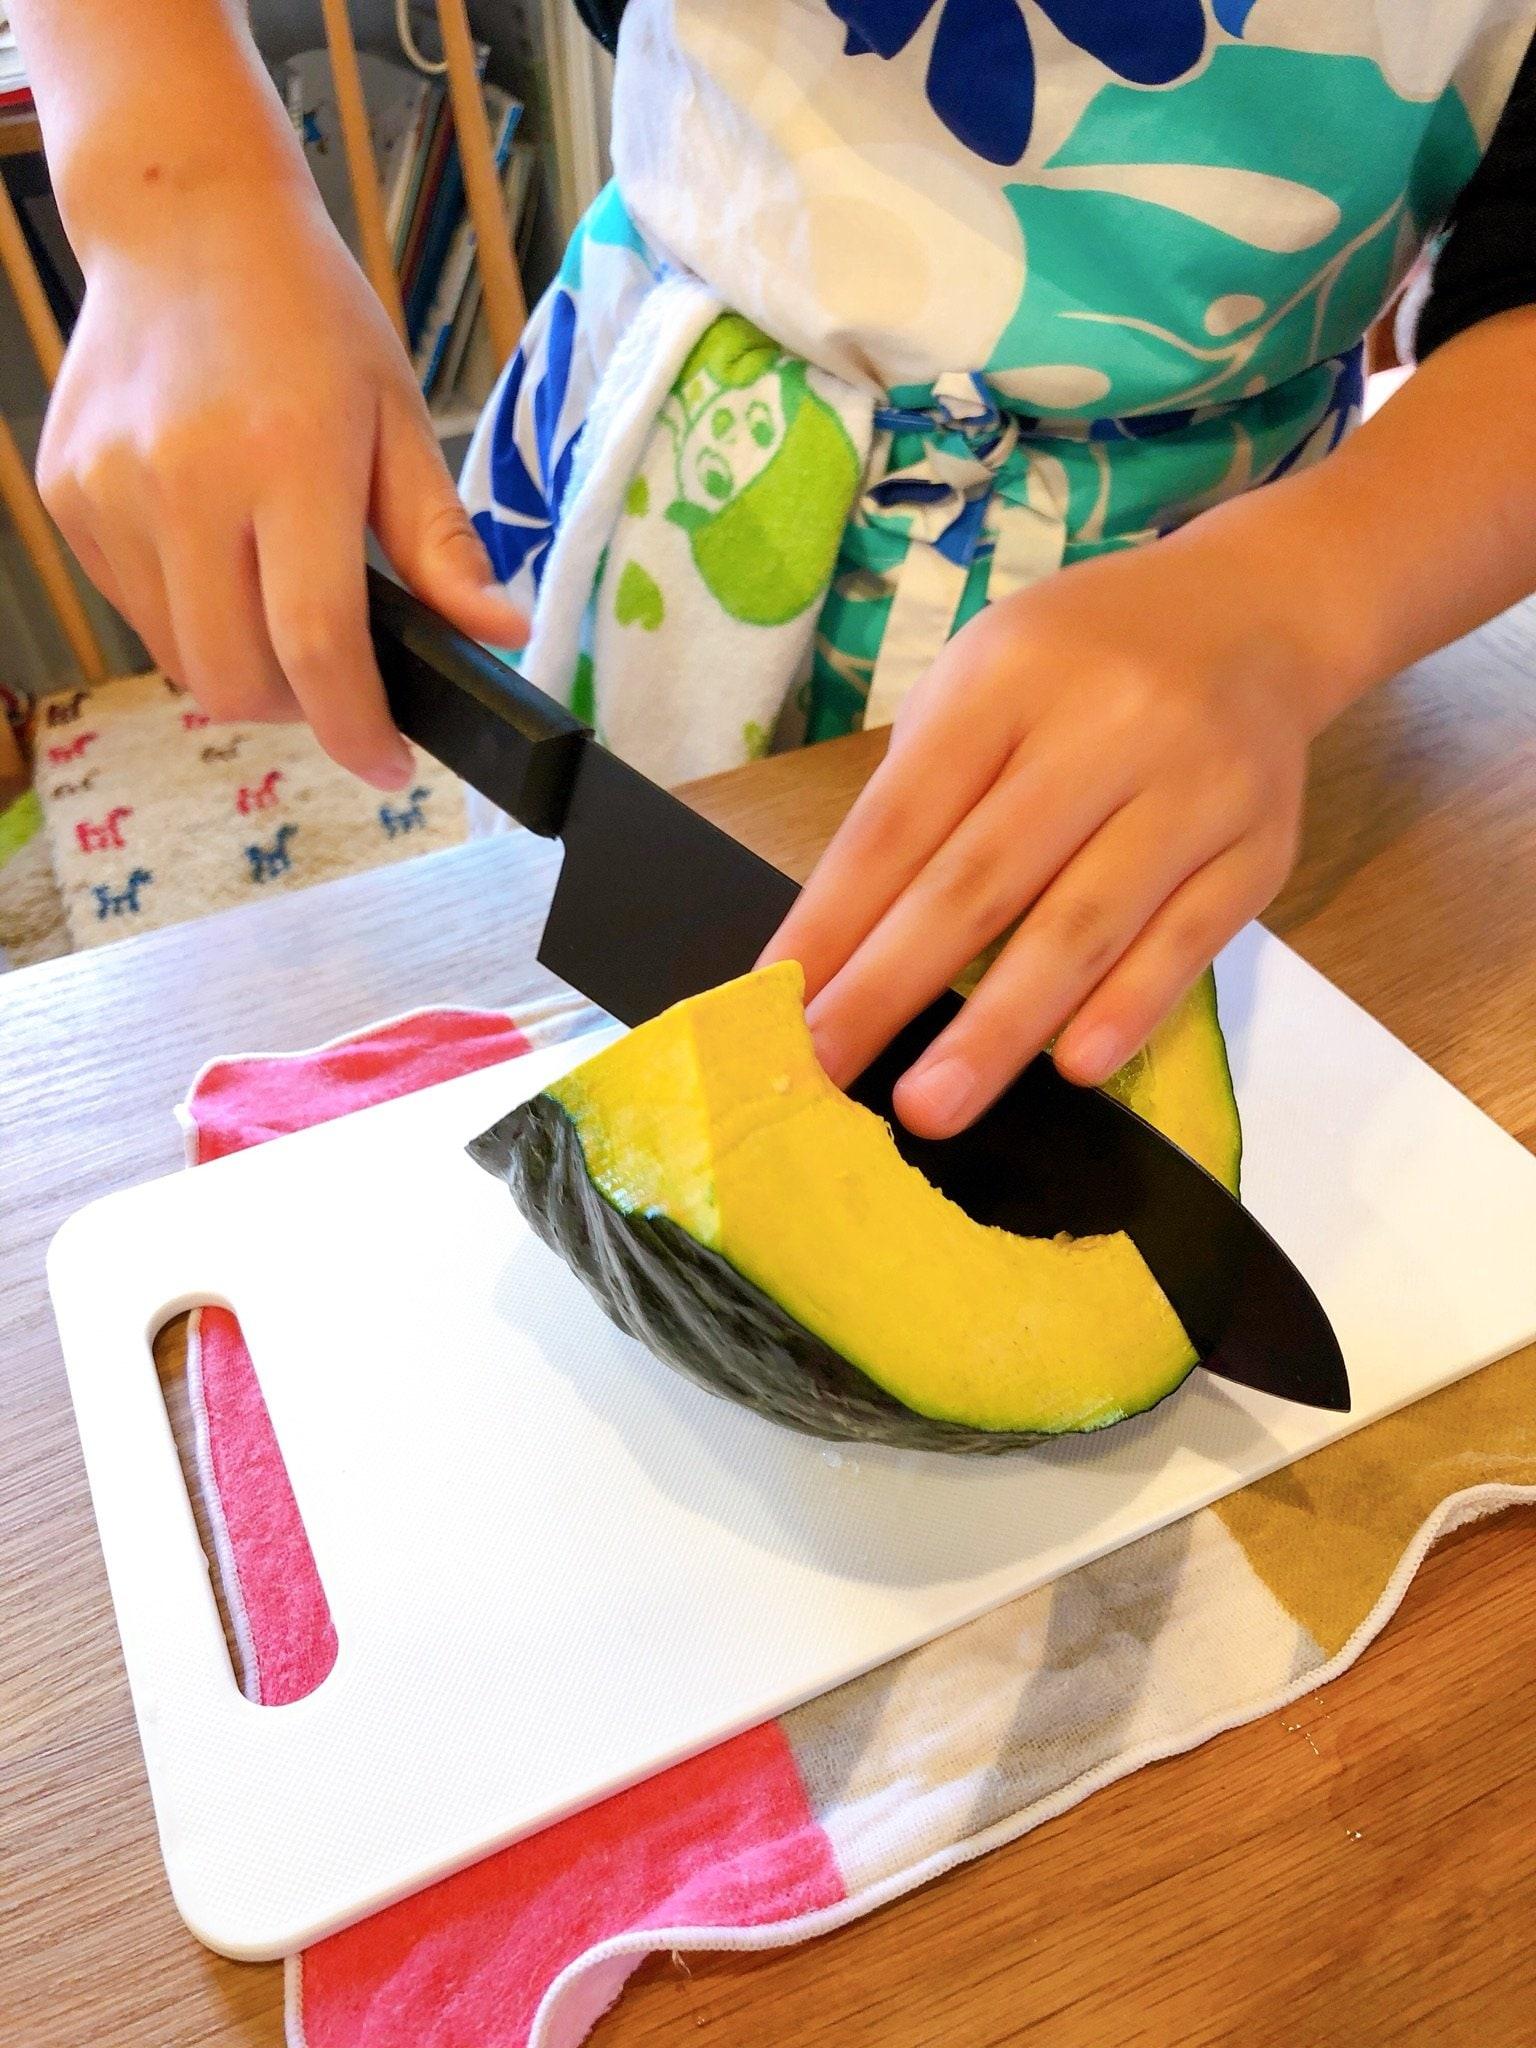 新潟 こども料理教室【はじめのいっぽ】のイメージその1